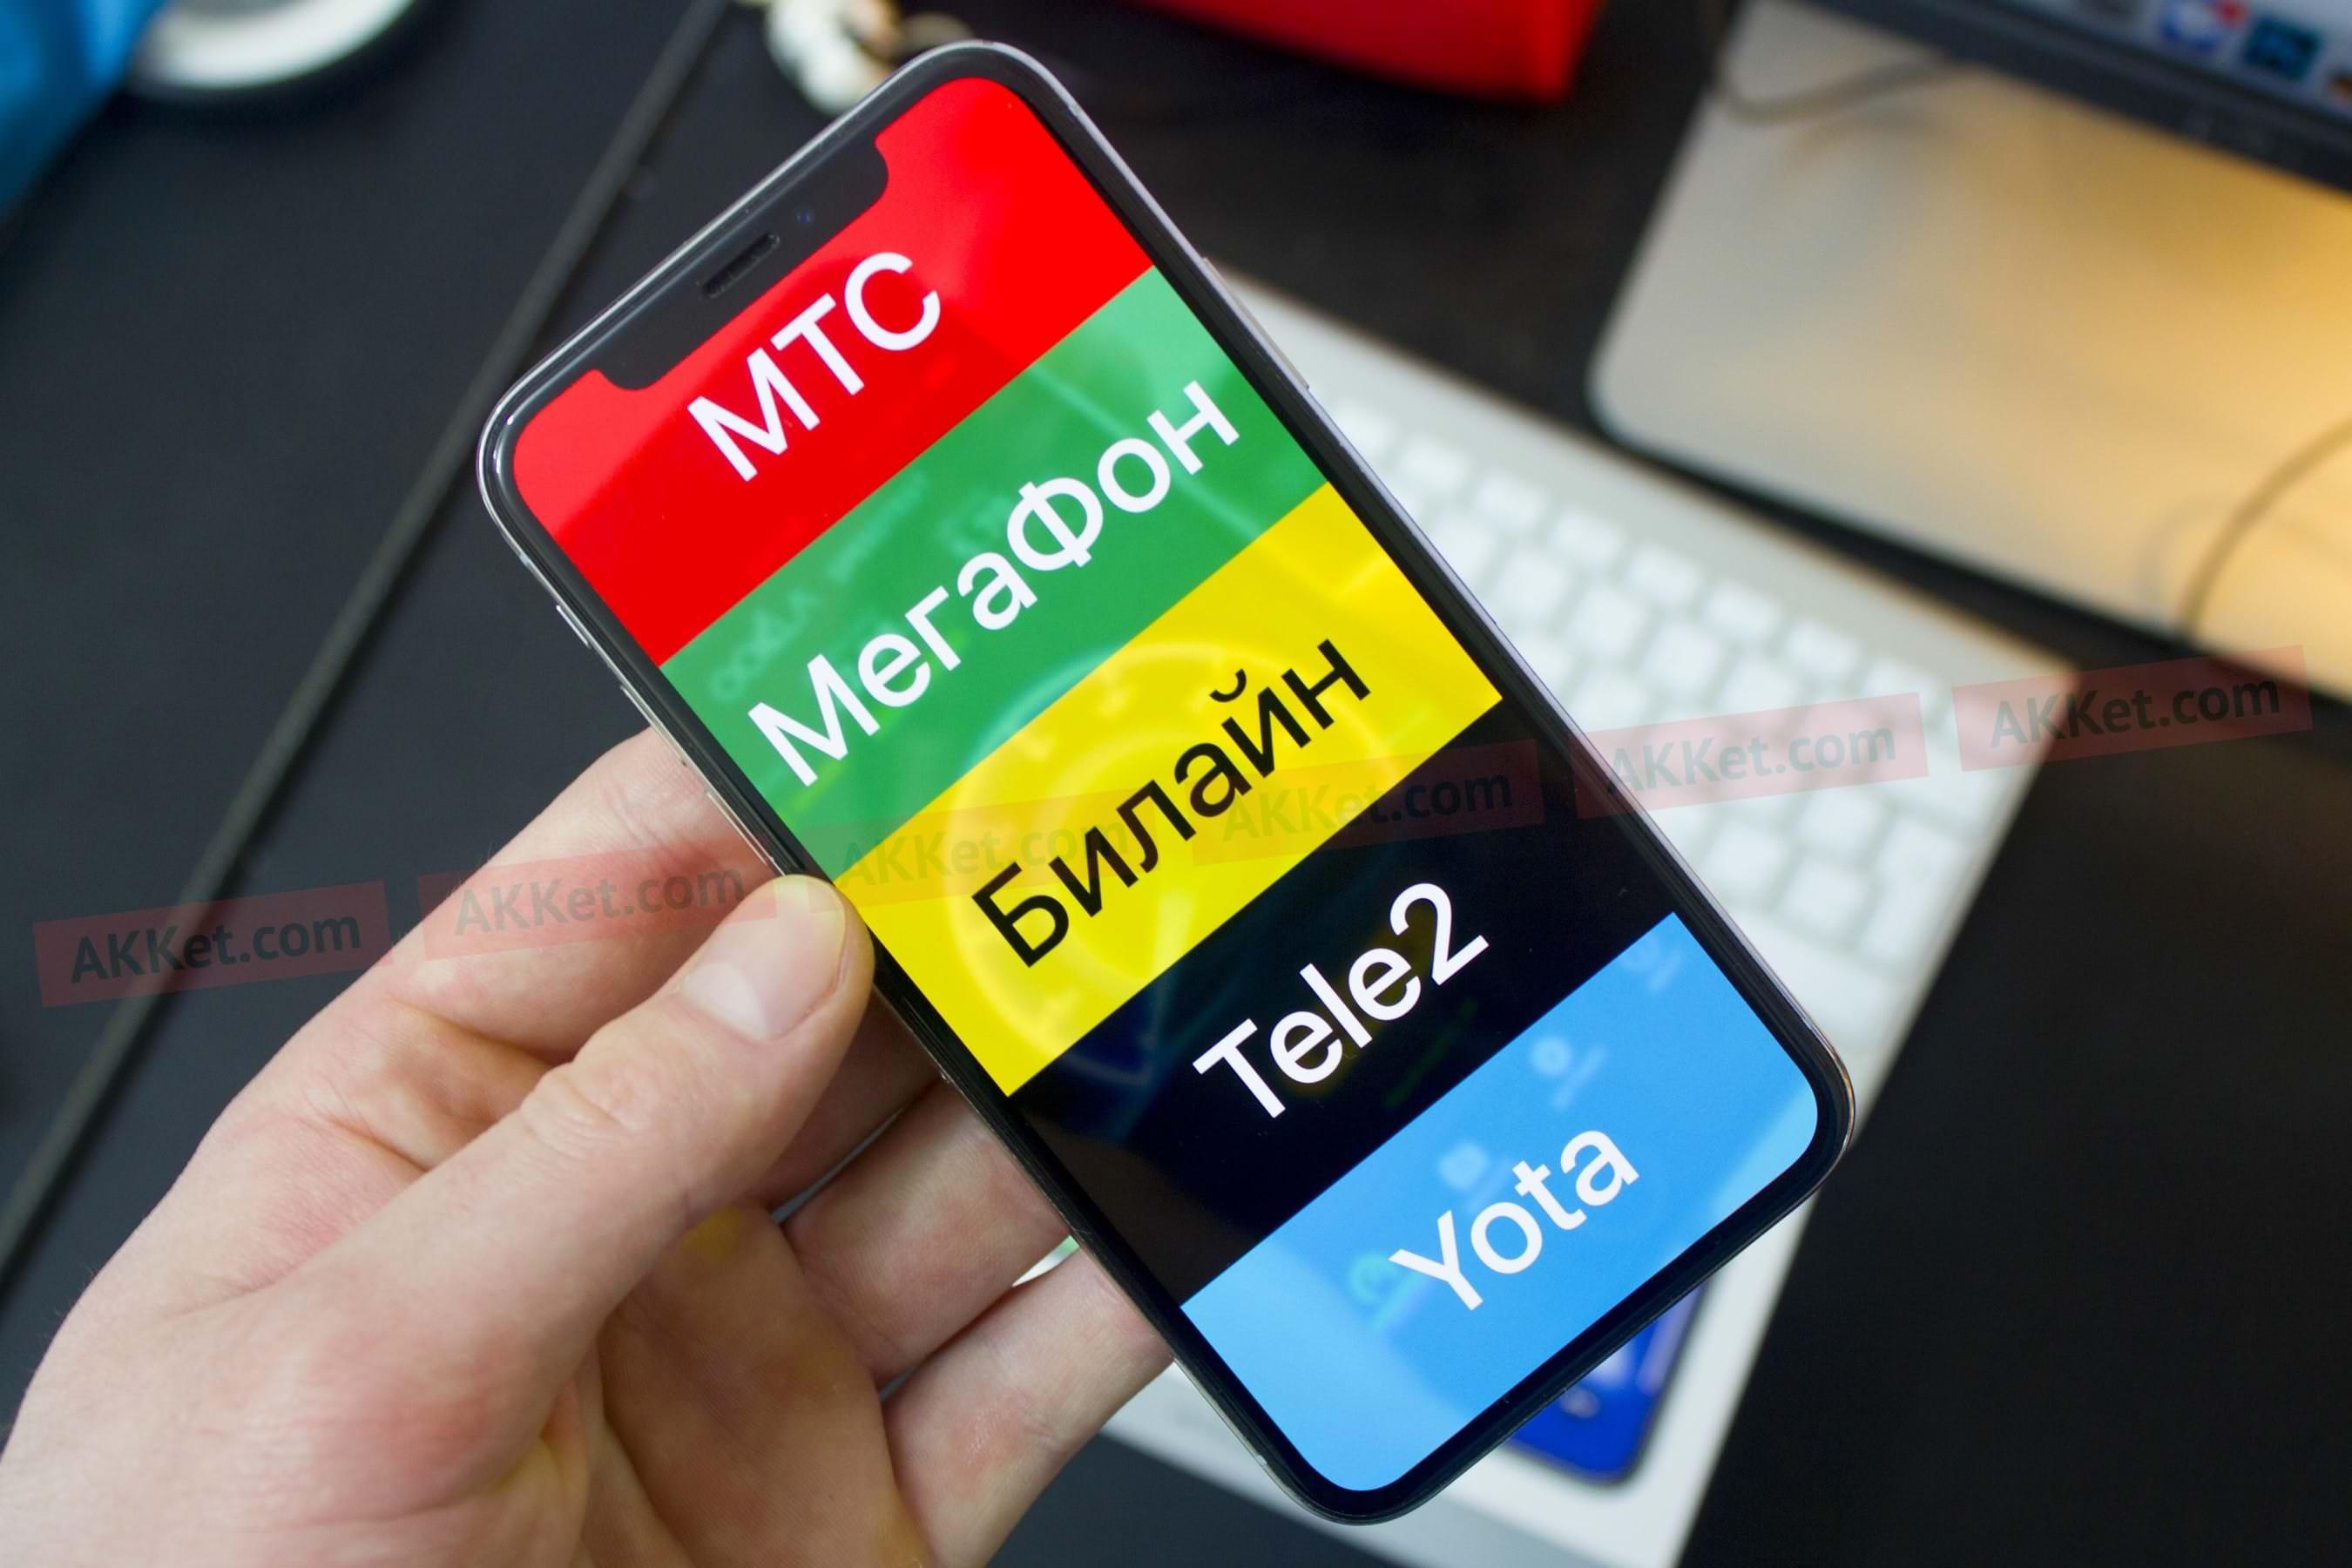 Сотовые операторы «МТС», «МегаФон», «Билайн» и Tele2 навсегда исчезнут d8f481b2341